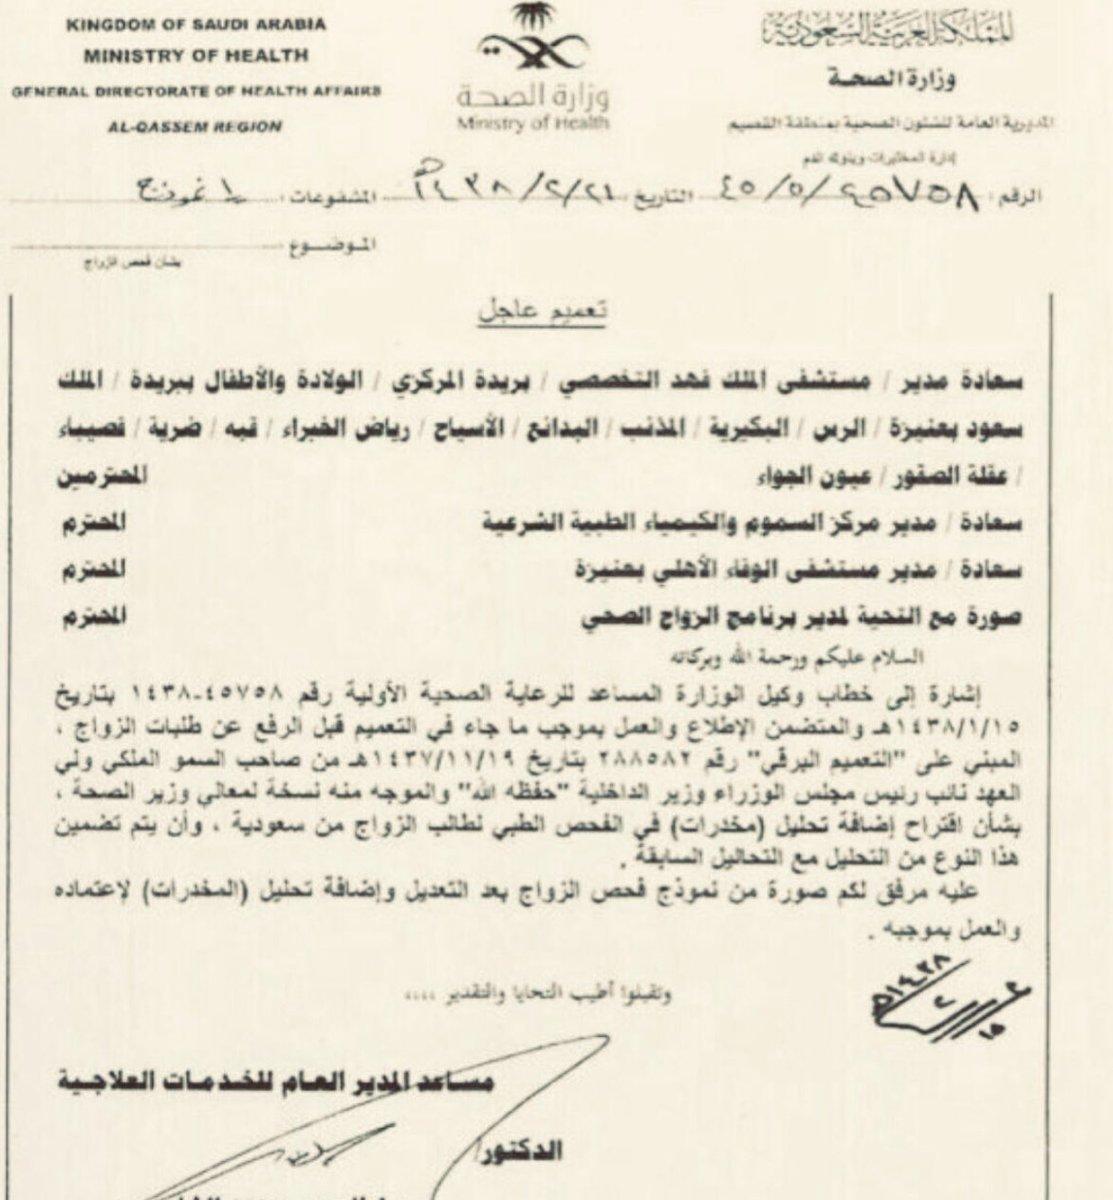 المحامي عبد الرحمن العبداللطيف على تويتر اضافة تحليل مخدرات في الفحص الطبي لطلب الزواج من سعودية واعتماد نموذجه ابرز ما تضمنته اللائحة التنفيذية لنظام المحاكم التجارية معاش الوفاة من يستحقه